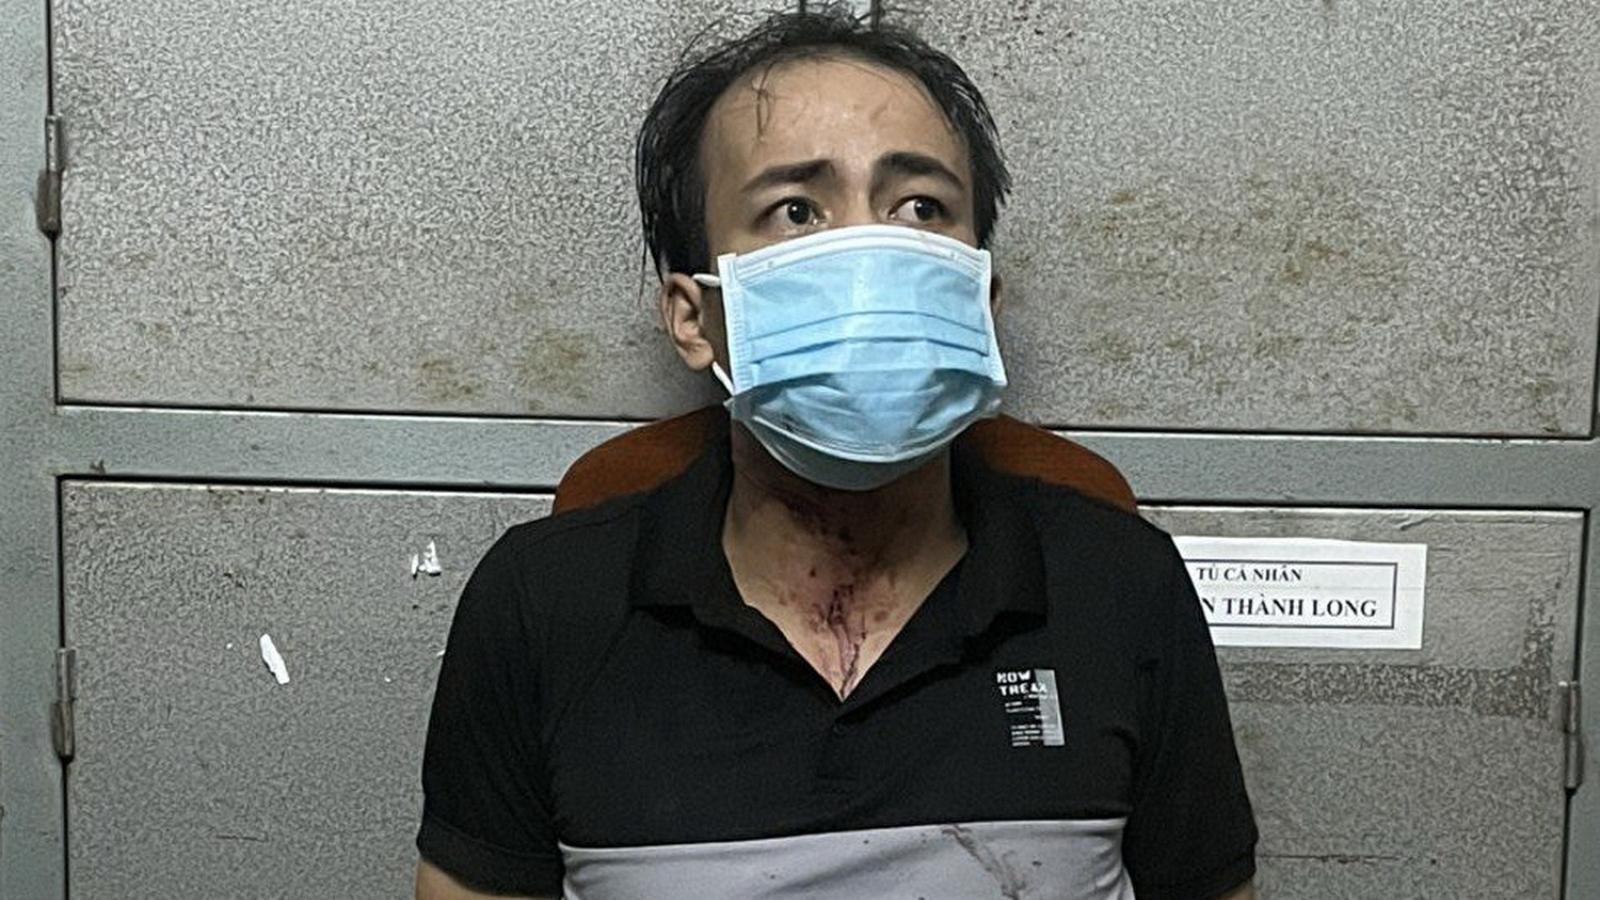 Đà Nẵng: Thanh niên sát hại người yêu rồi tự tử bất thành